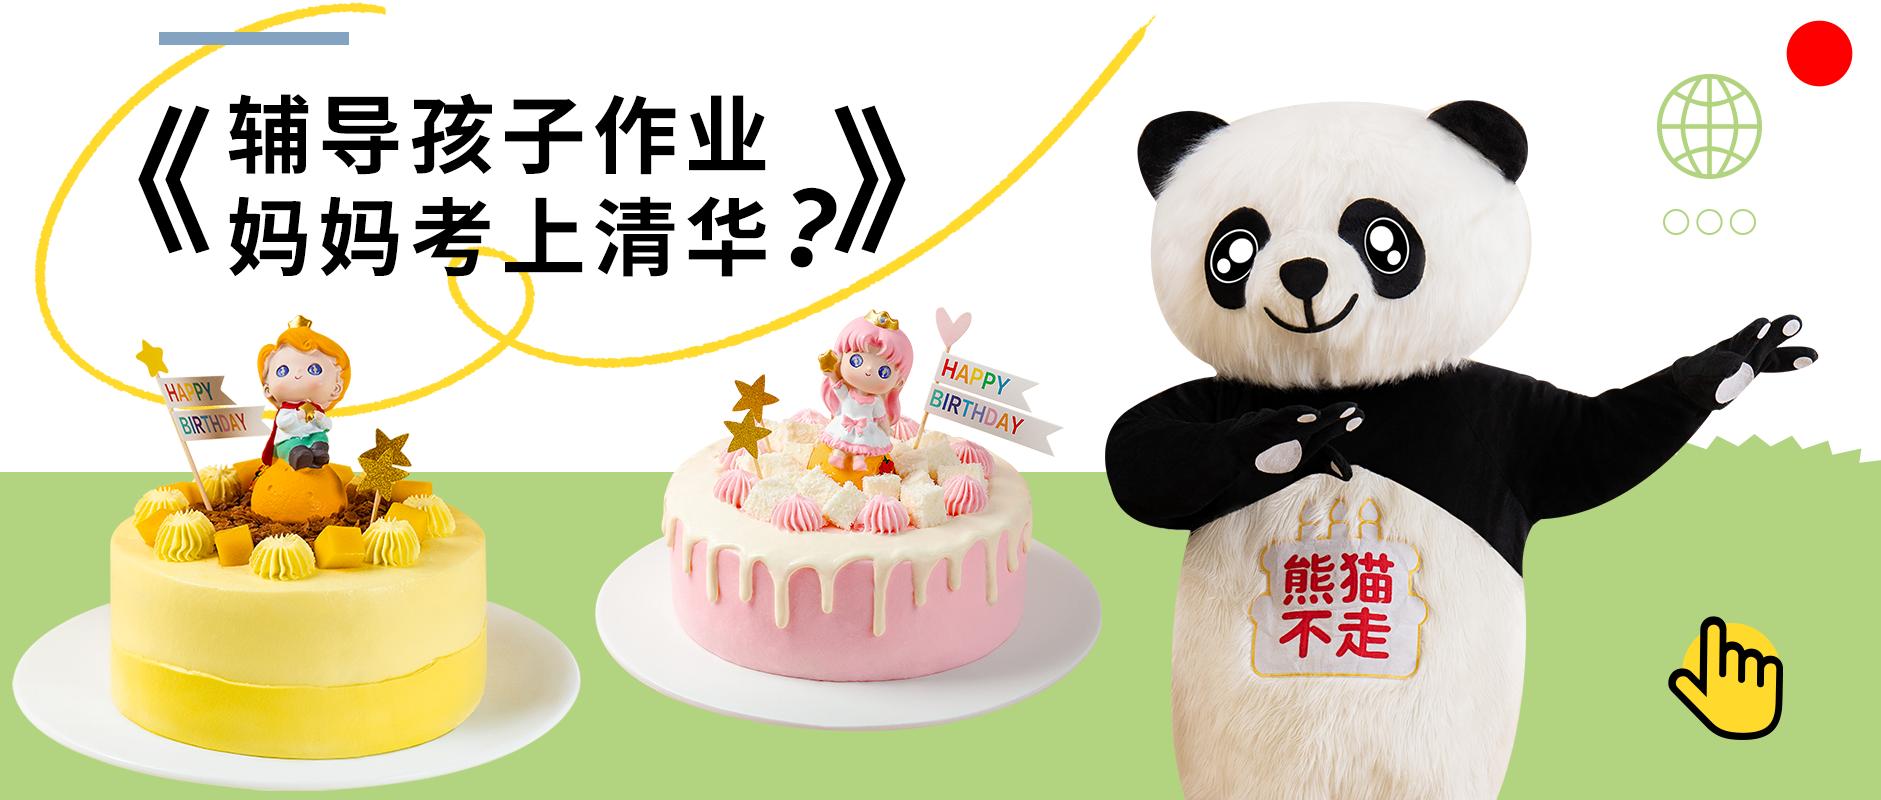 [奖励提醒]你有1个蛋糕待领取,请查看!